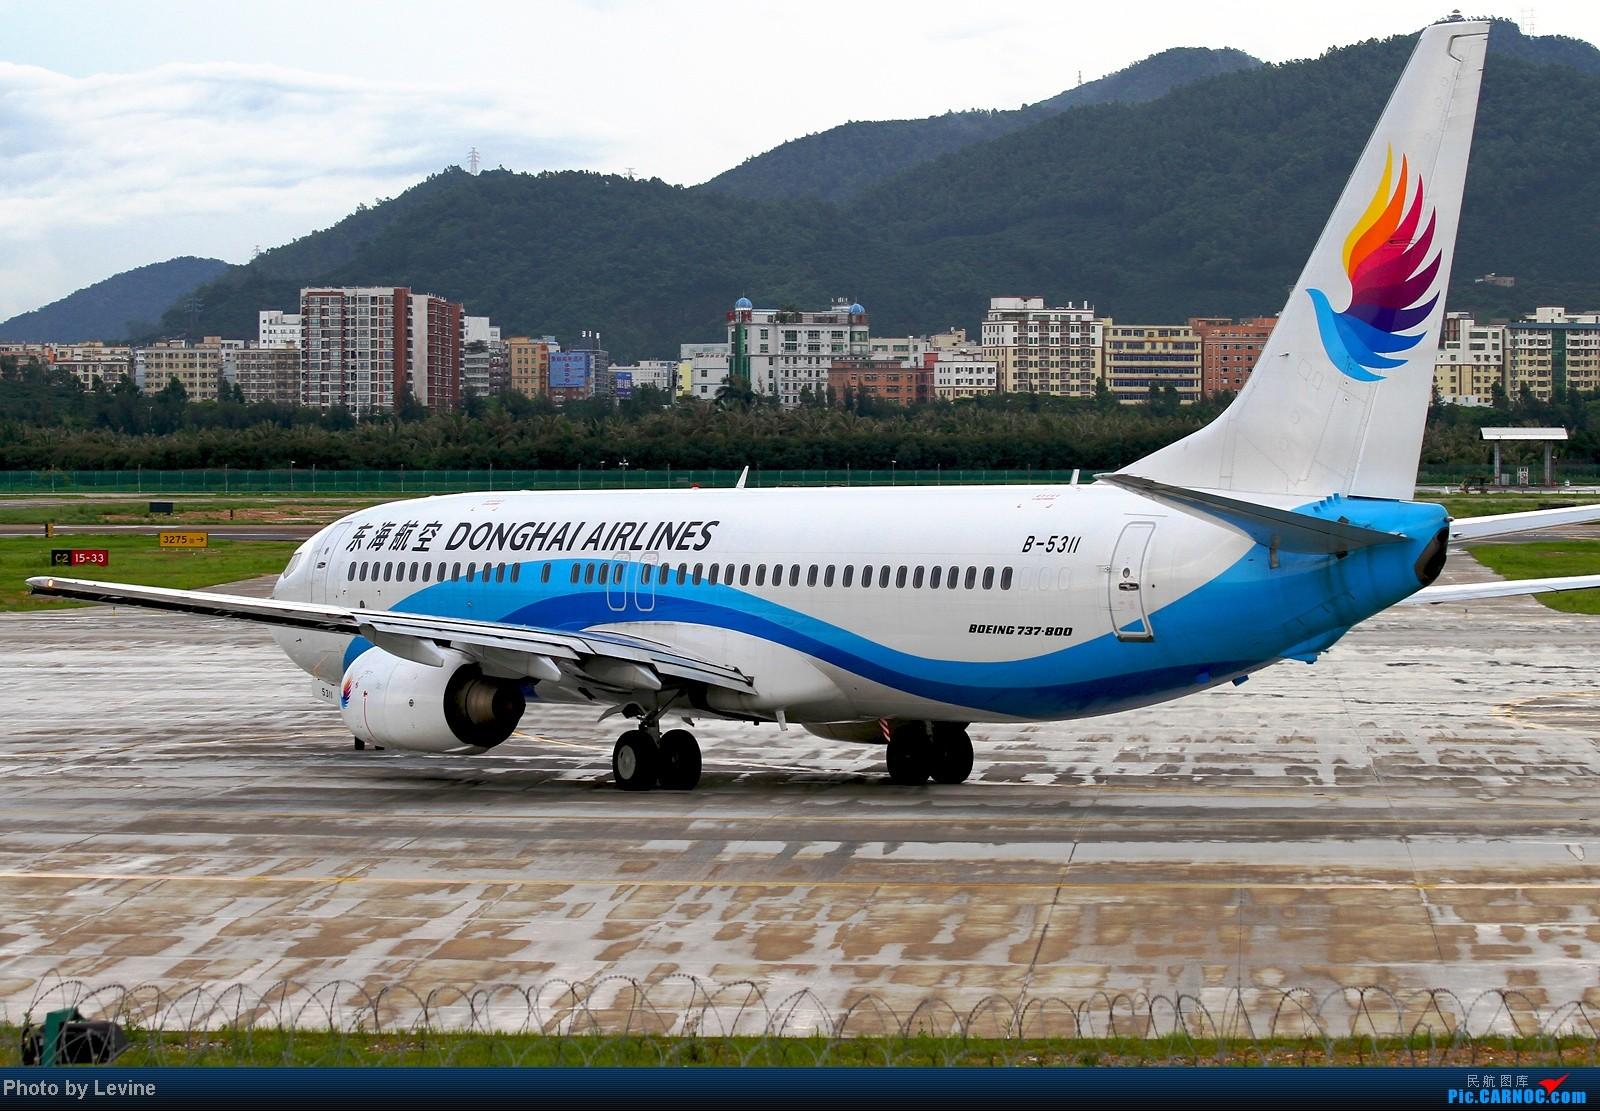 Re:[原创][深圳飞友会]迟来的图 欢迎大胖来到深圳 BOEING 737-800 B-5133 中国深圳宝安机场